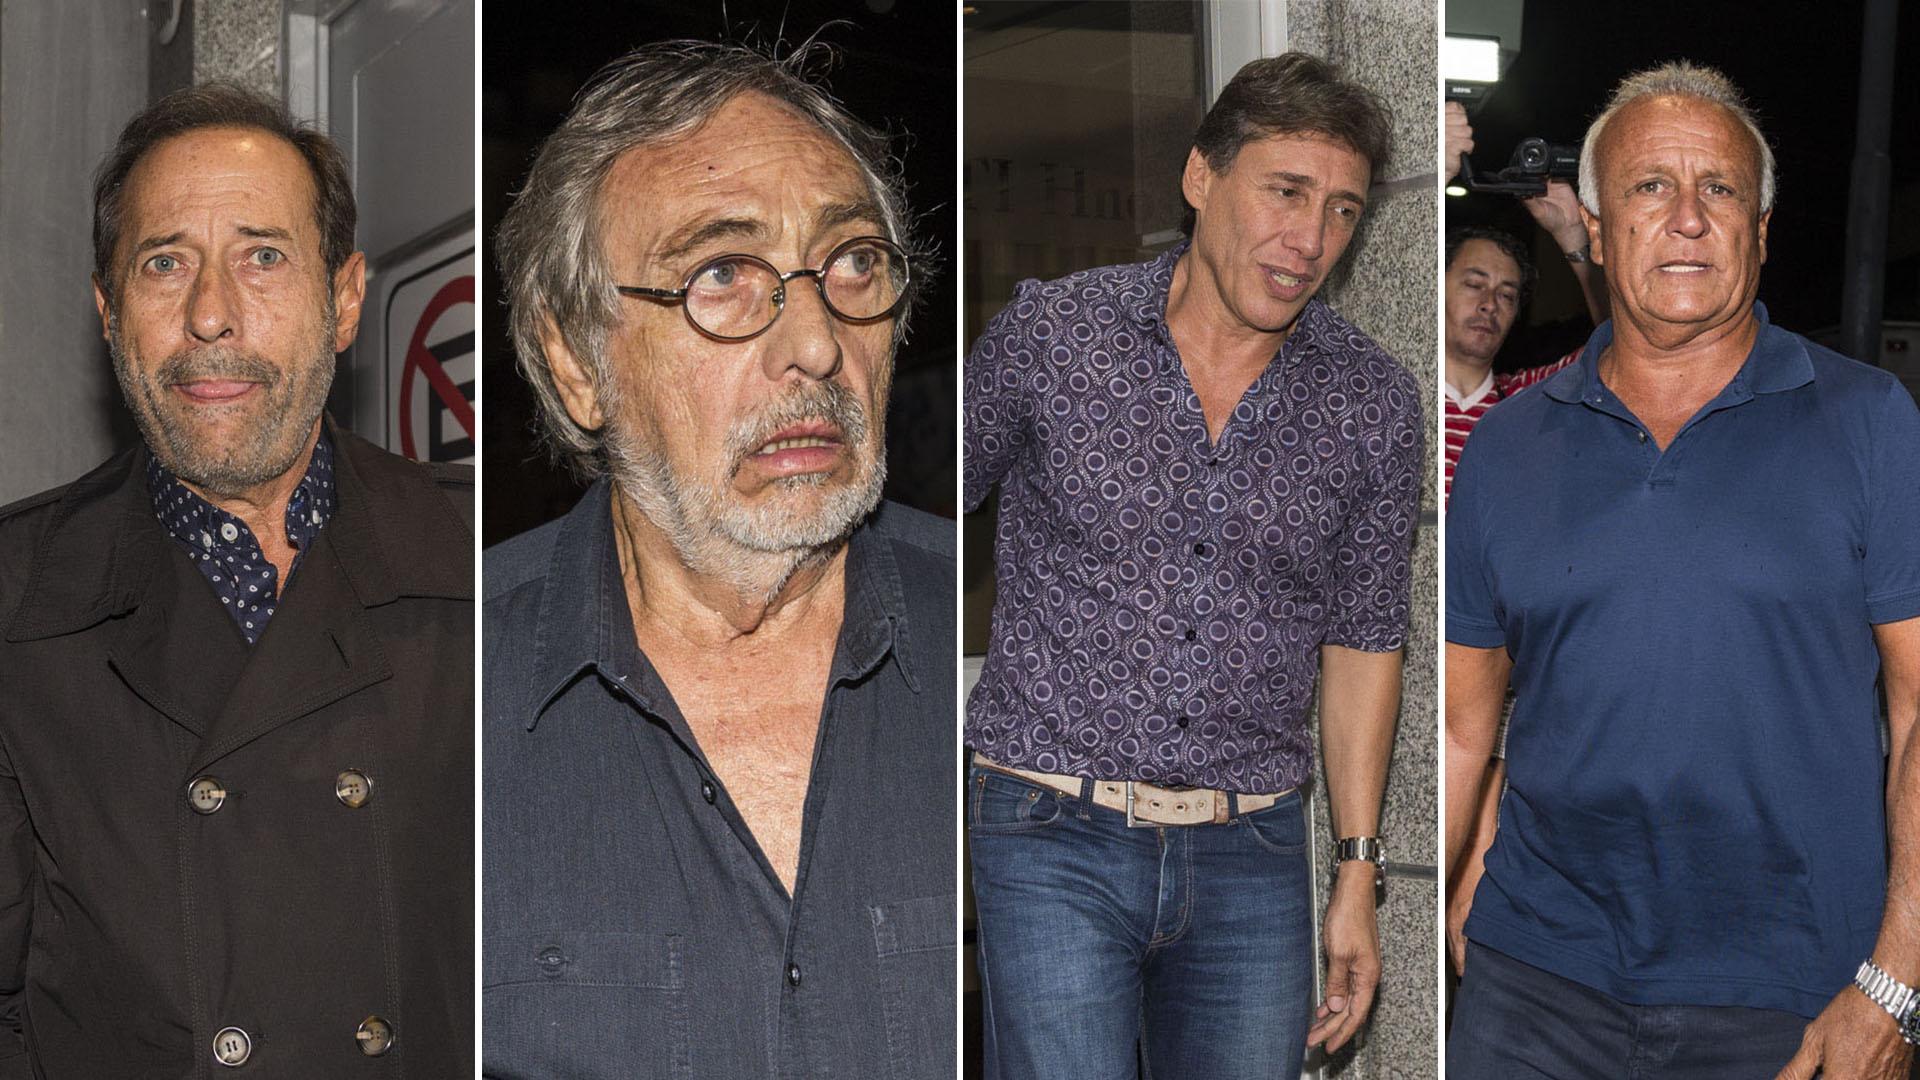 Guillermo Francella, Luis Brandoni, Fabián Gianola y Miguel del Sel fueron algunos de los famosos que le dieron el último adiós a Disi, un actor querido en el ambiente (Julieta Ferrario / Teleshow)